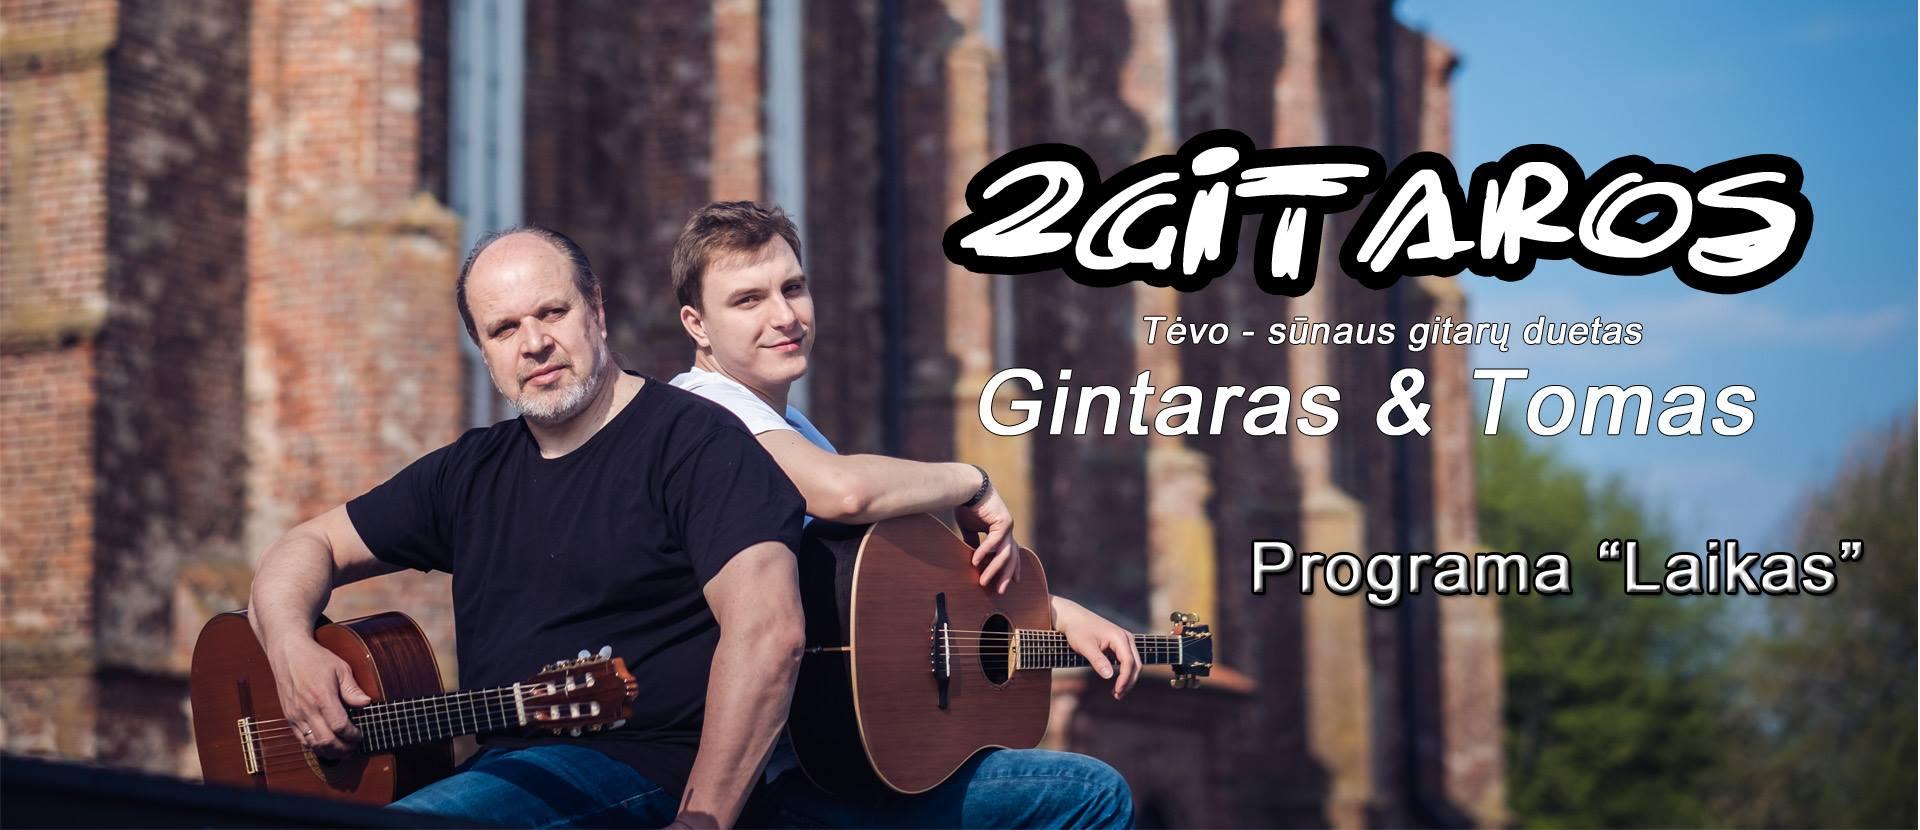 """""""2gitaros"""" Gintaras ir Tomas. Programa """"Laikas"""""""